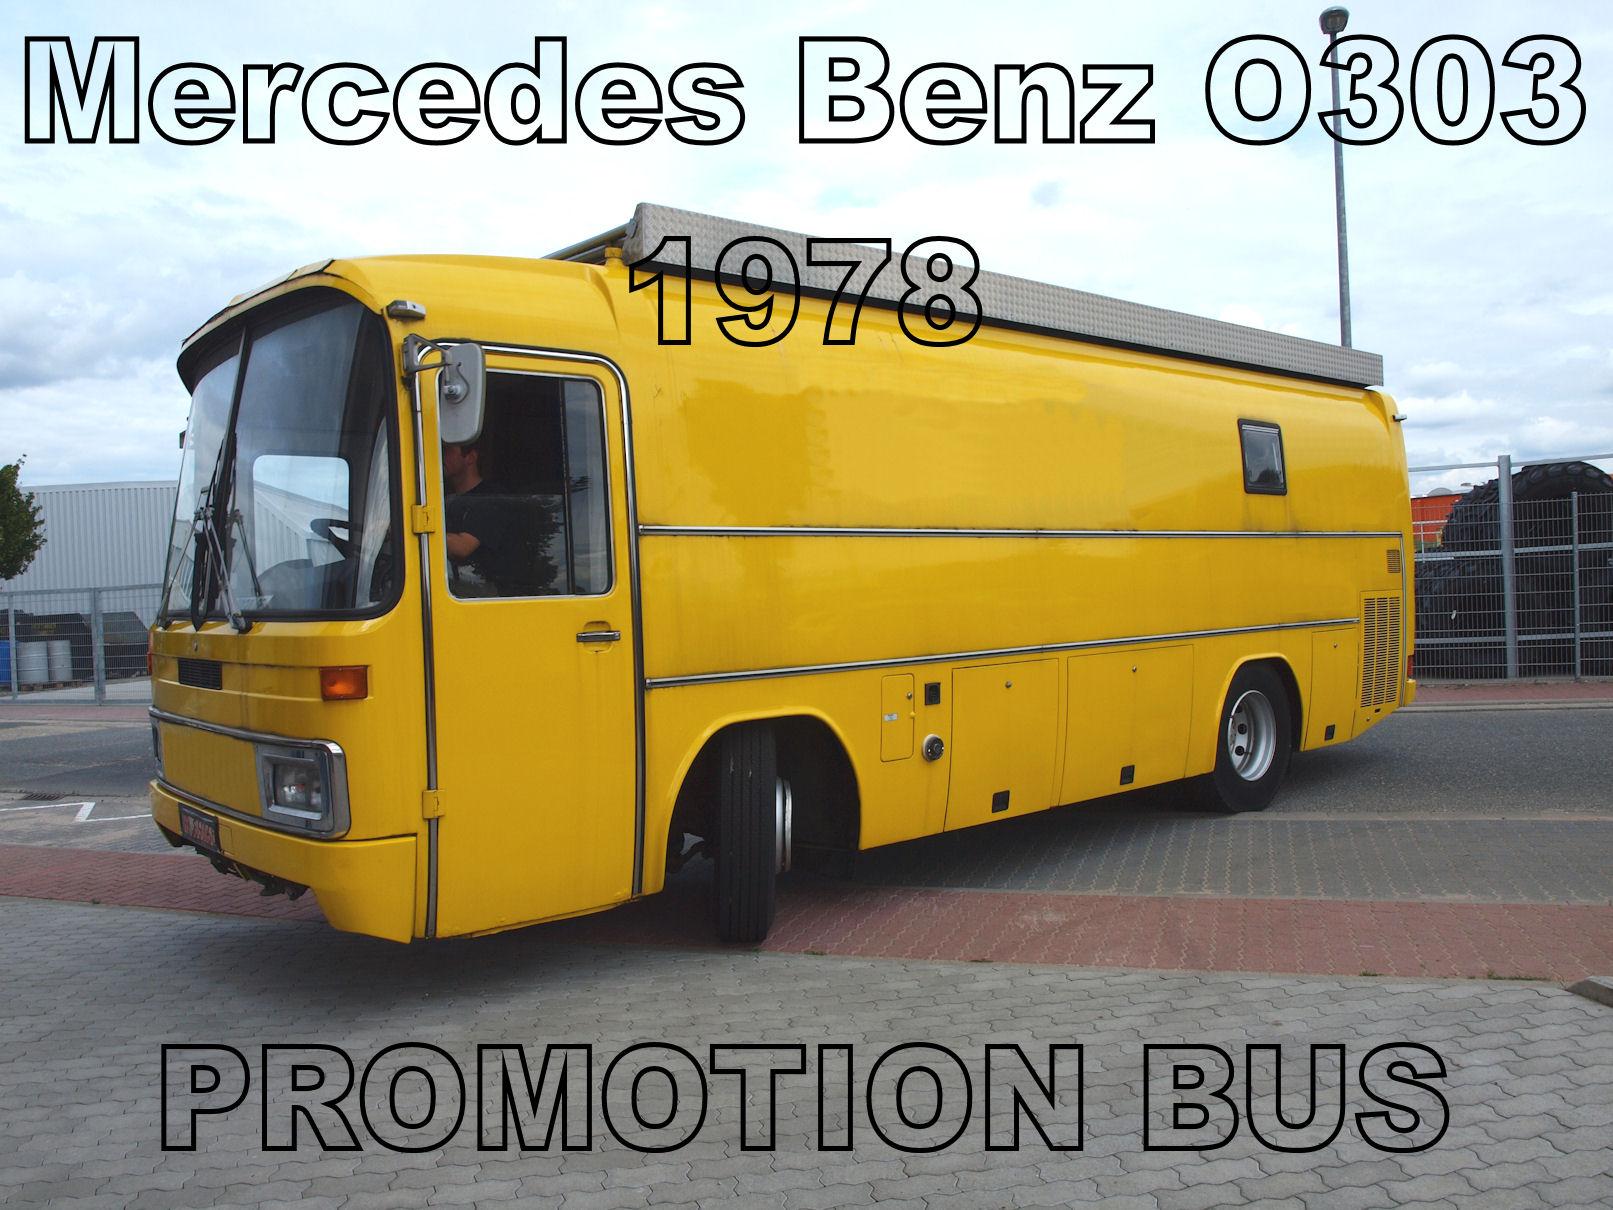 MercedesBenz O303 PR Bus